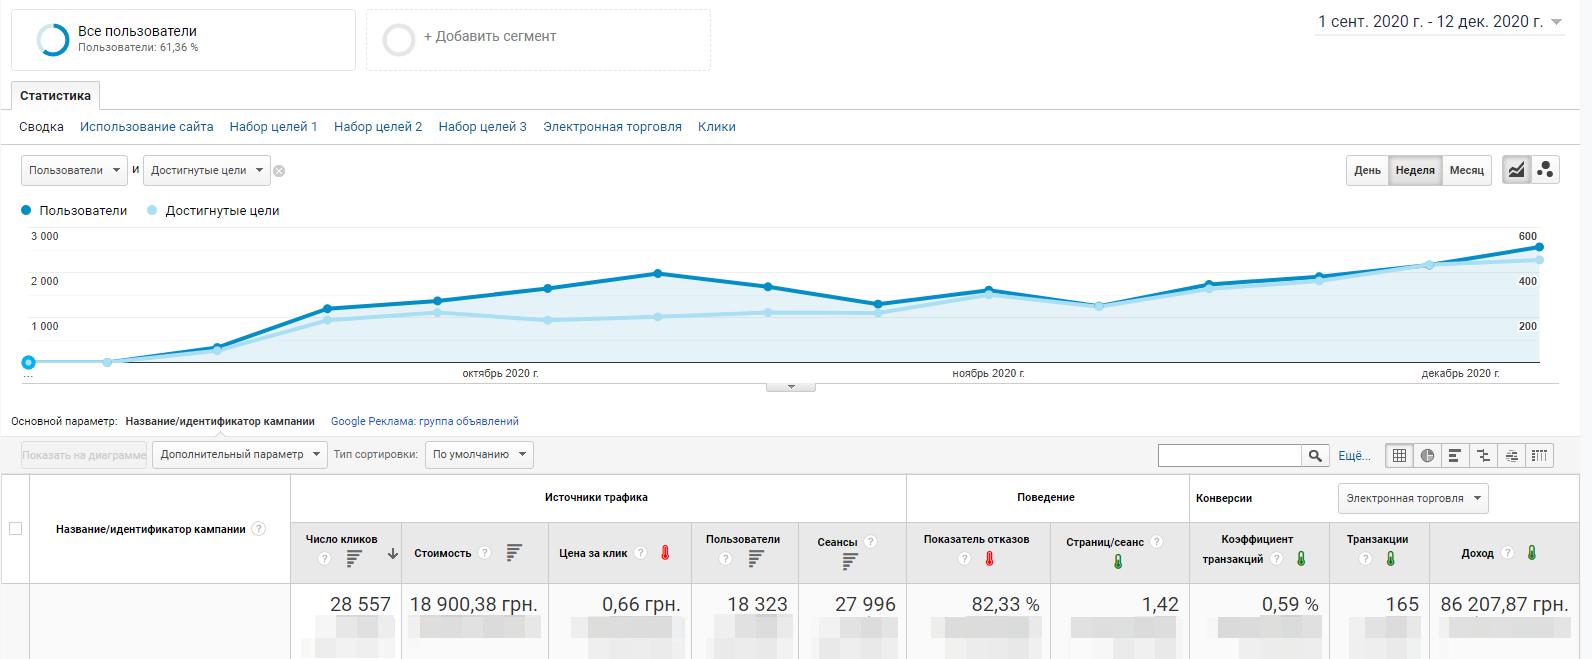 gs5 Google Shopping: как мы получили 600+ Лидов за 3 месяца в сельскохозяйственной тематике